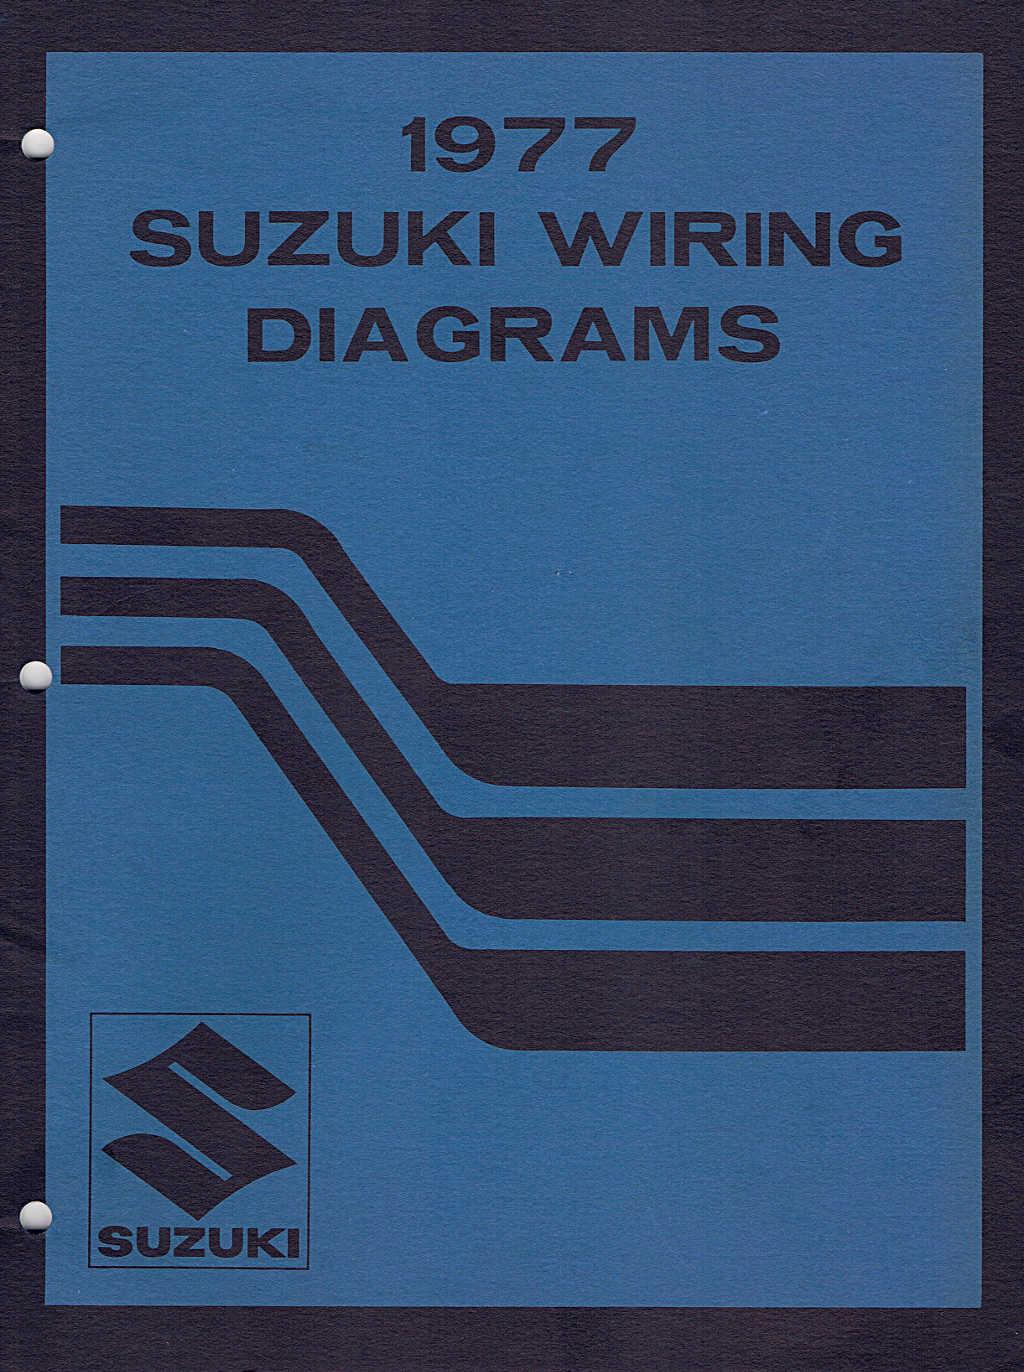 2008 suzuki king quad 750 service manual